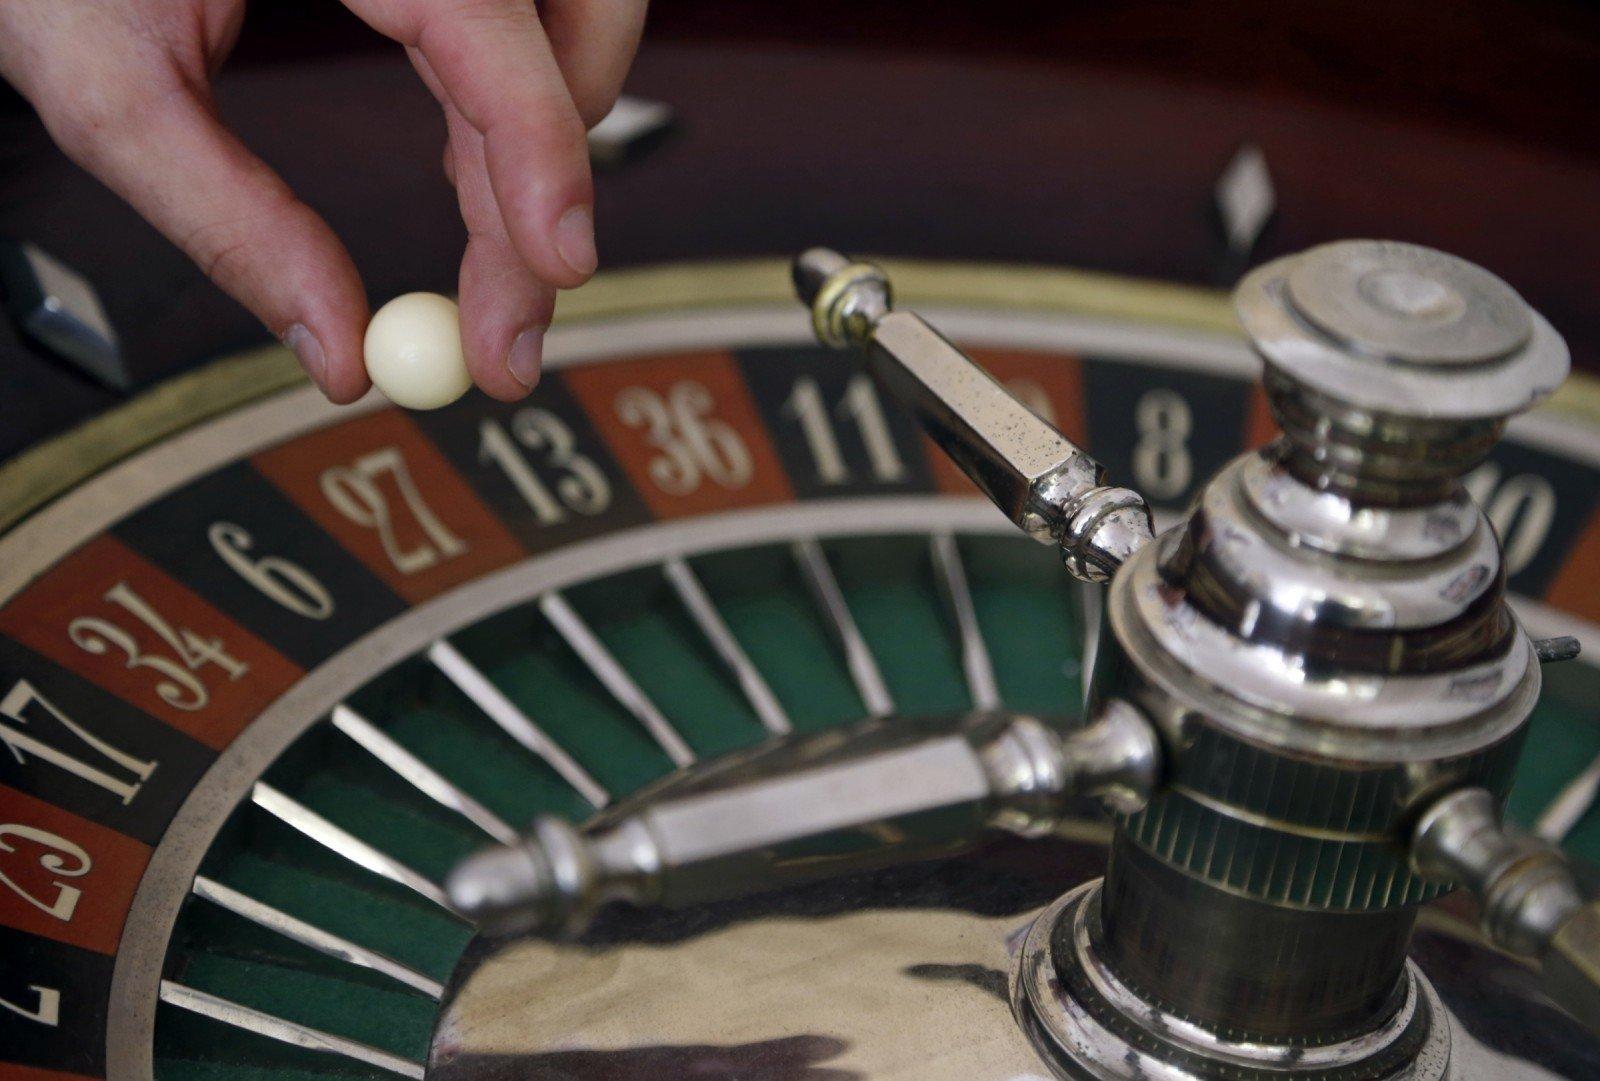 prekybos galimybės azartiniai lošimai)